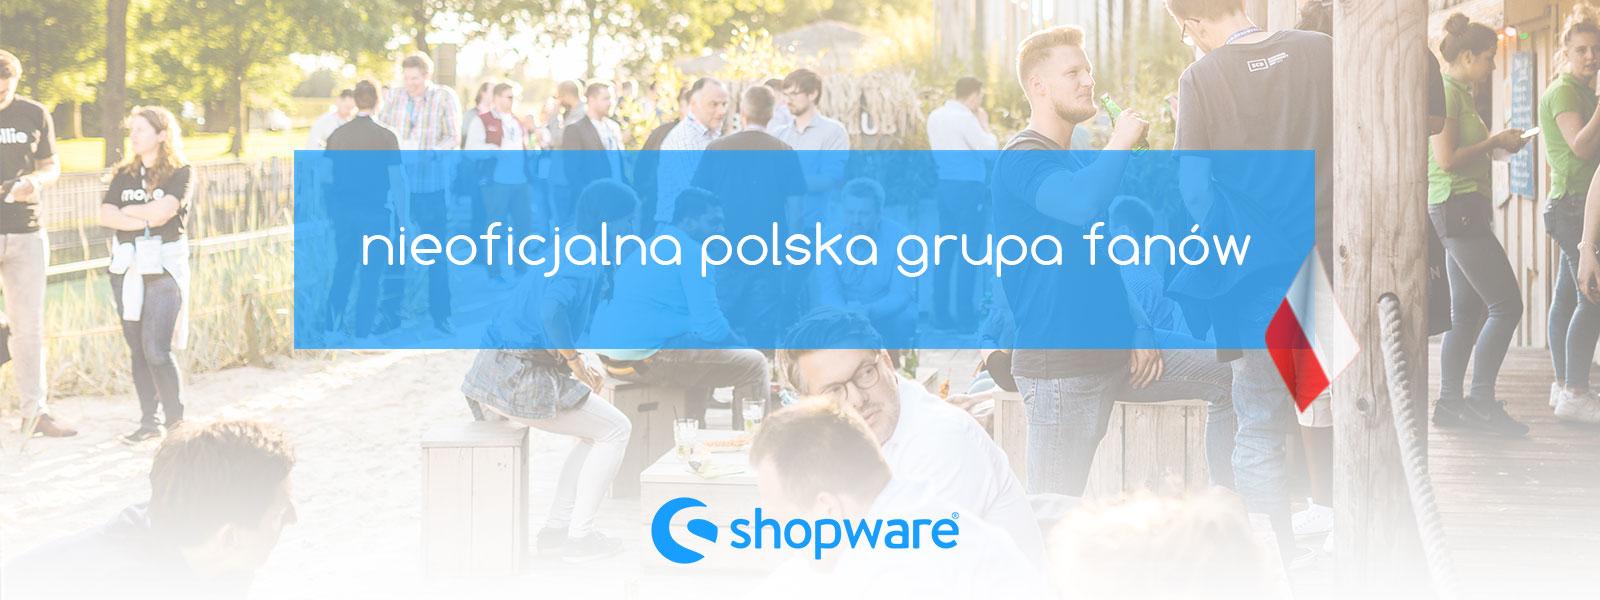 shopware_polska